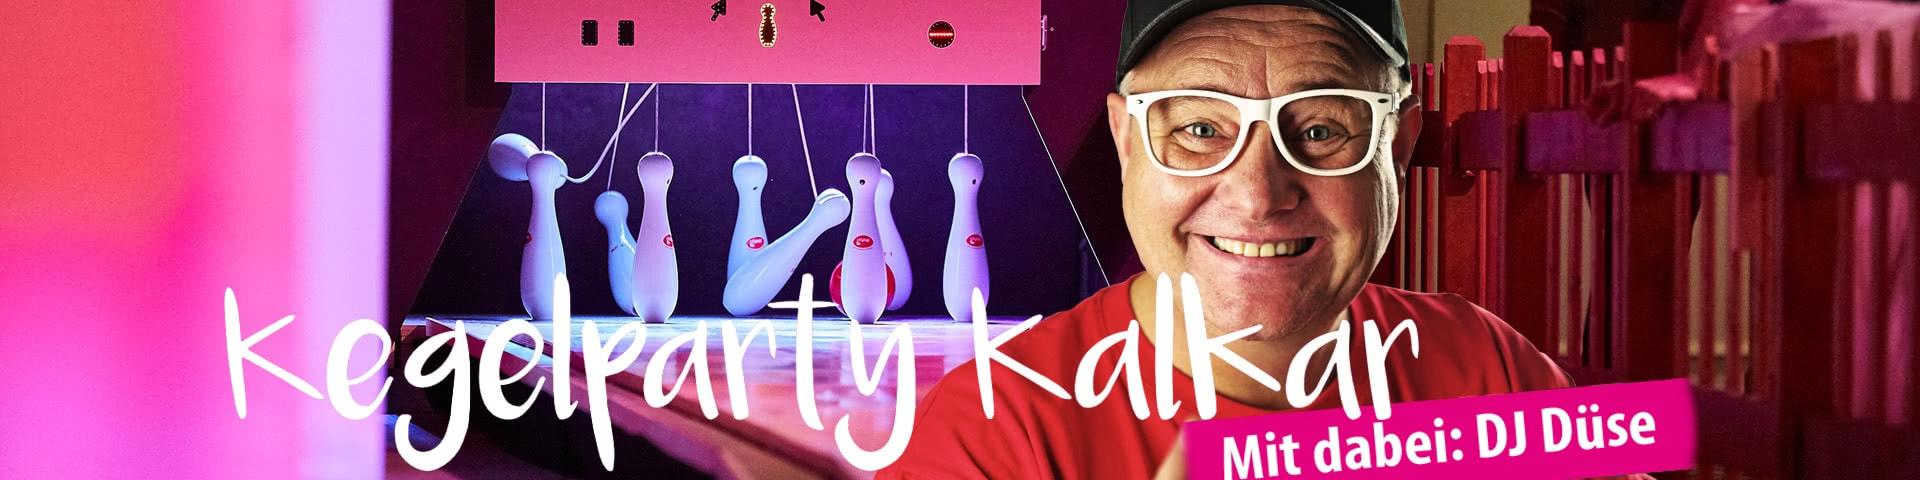 Kegelparty Kalkar mit DJ Düse